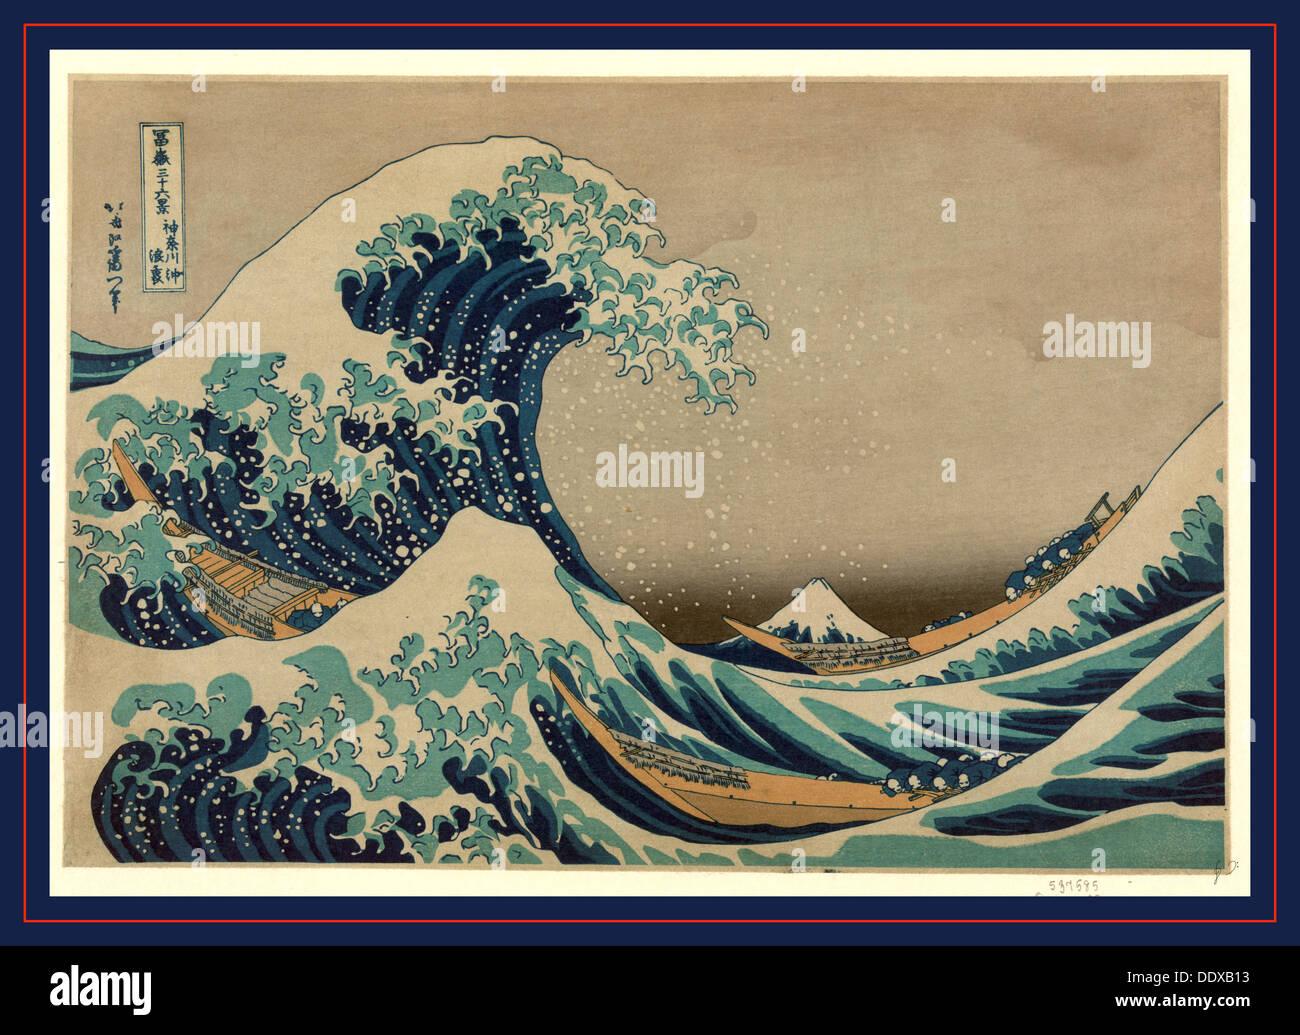 Kanagawa oki nami ura, la gran ola de Kanagawa off shore. [Entre 1826 y 1833, imprimió más tarde], 1 Imprimir : Foto de stock